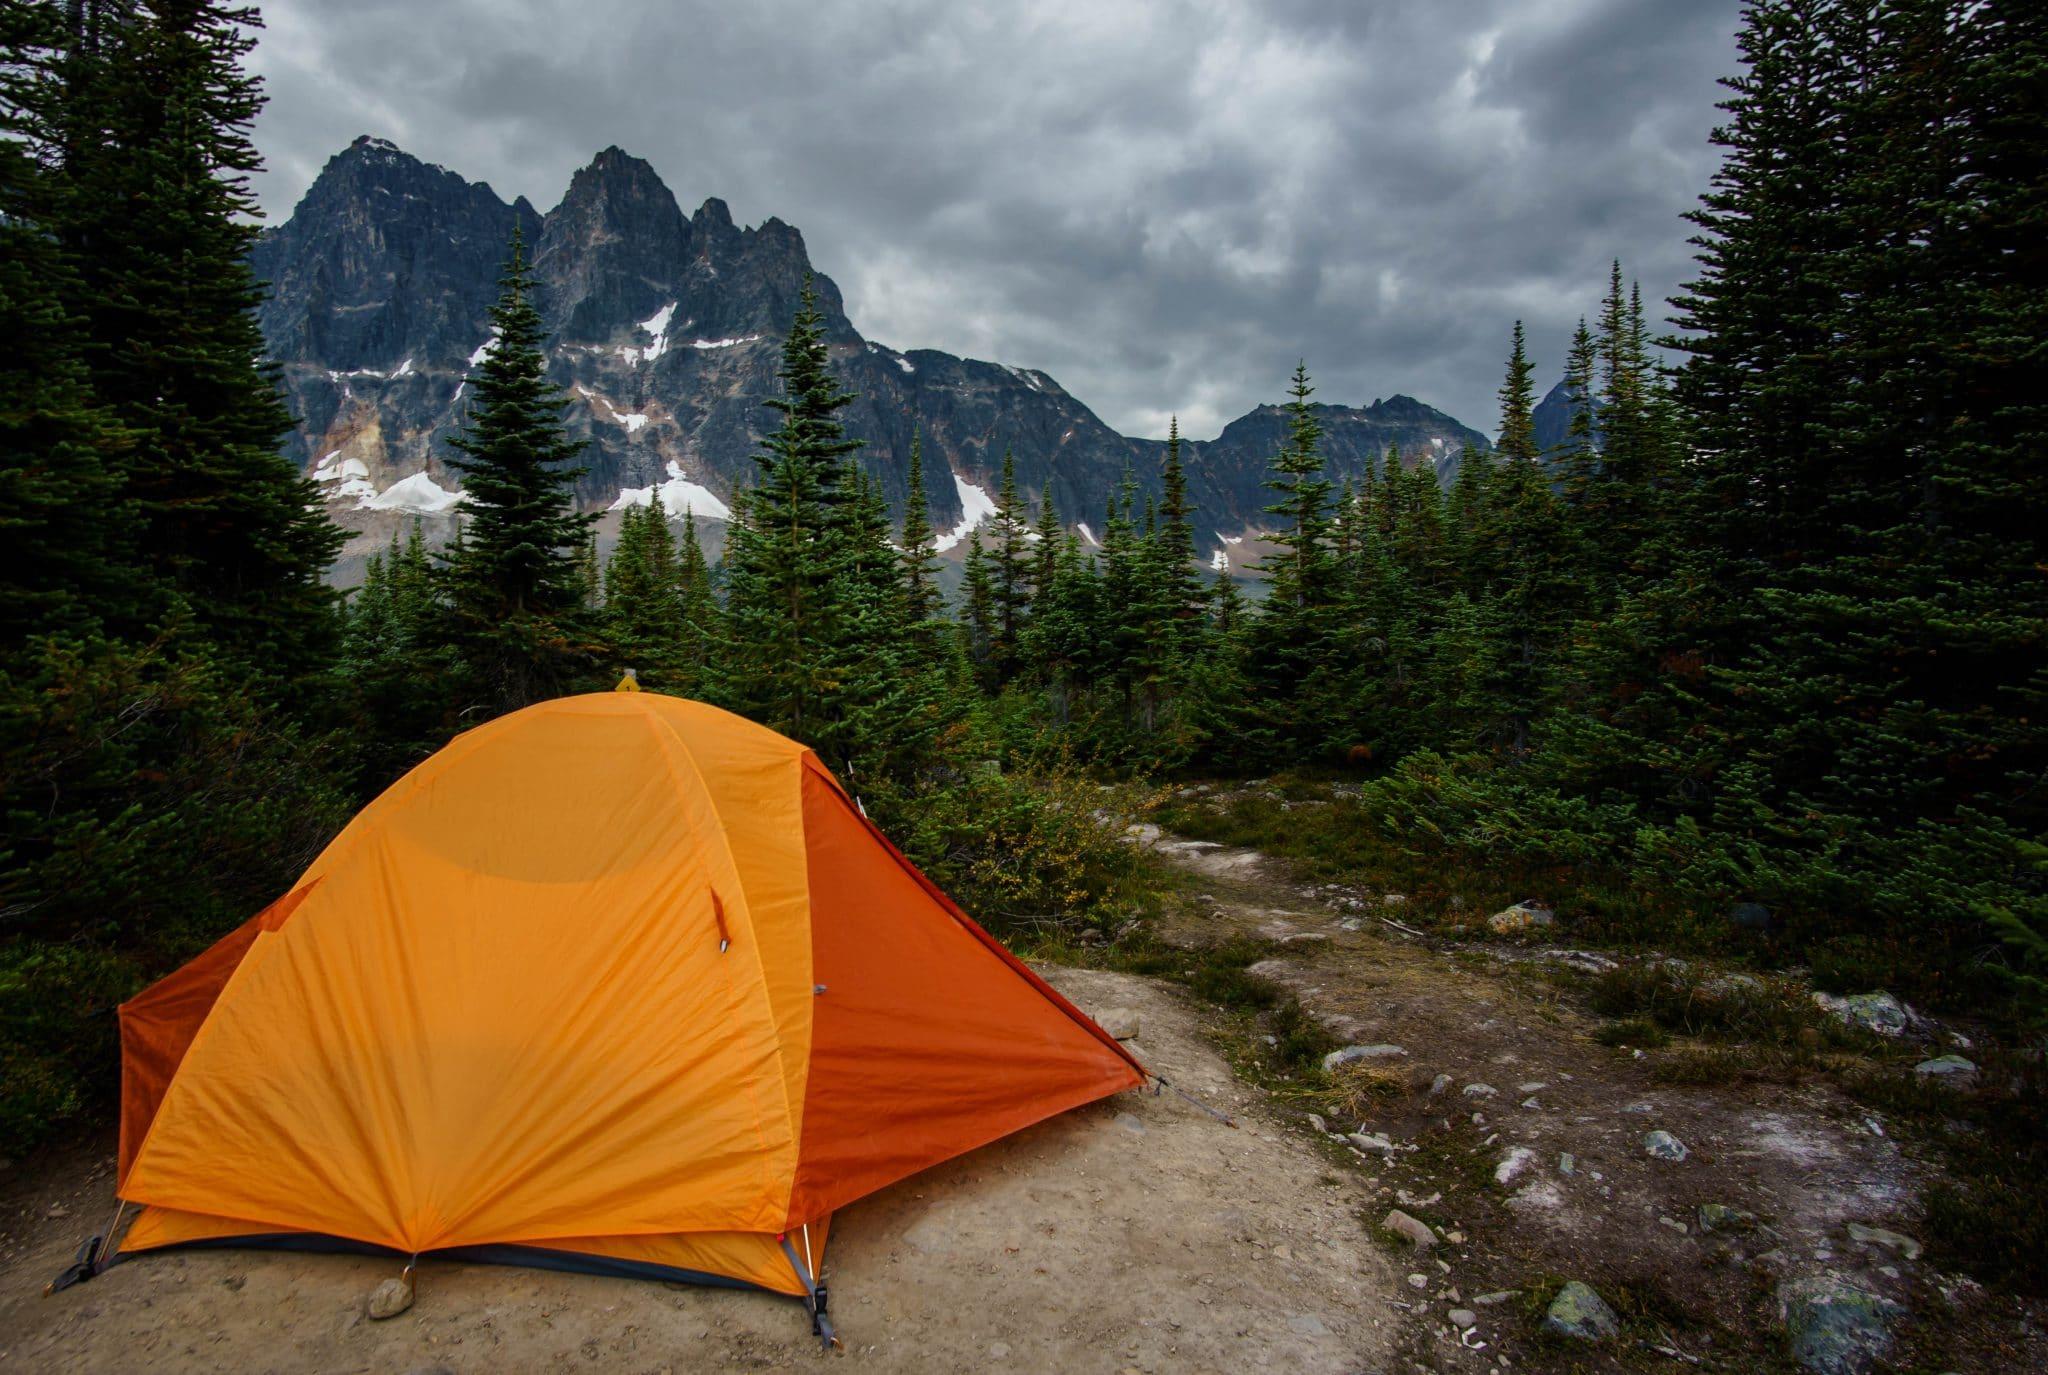 Camping at Amethyst Lakes